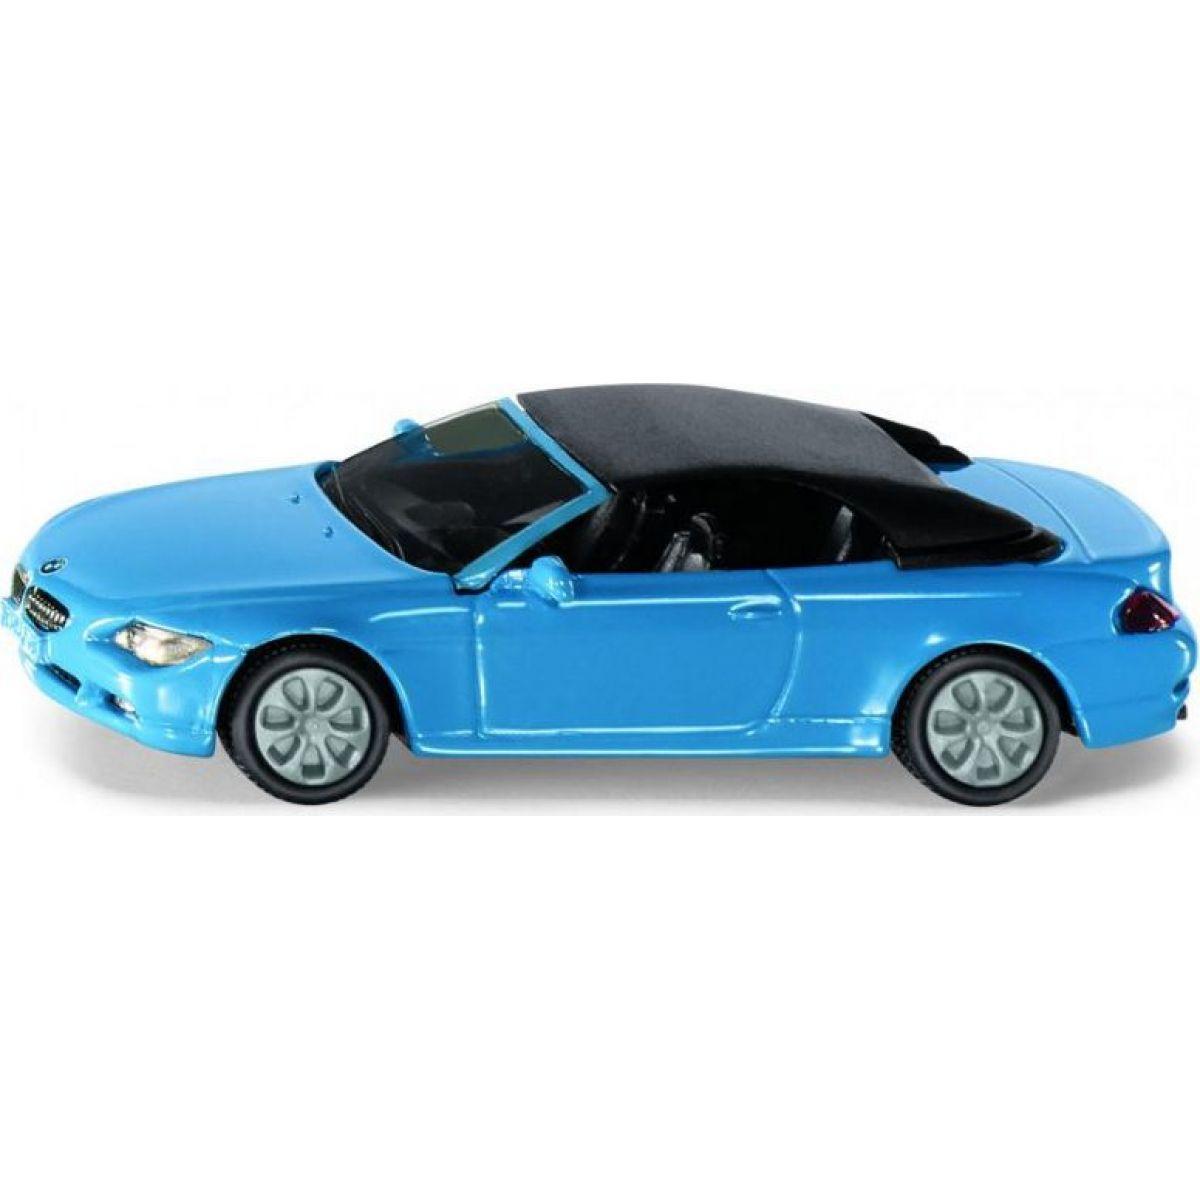 Siku Blister BMW 645i Cabriolet zeleno-modré